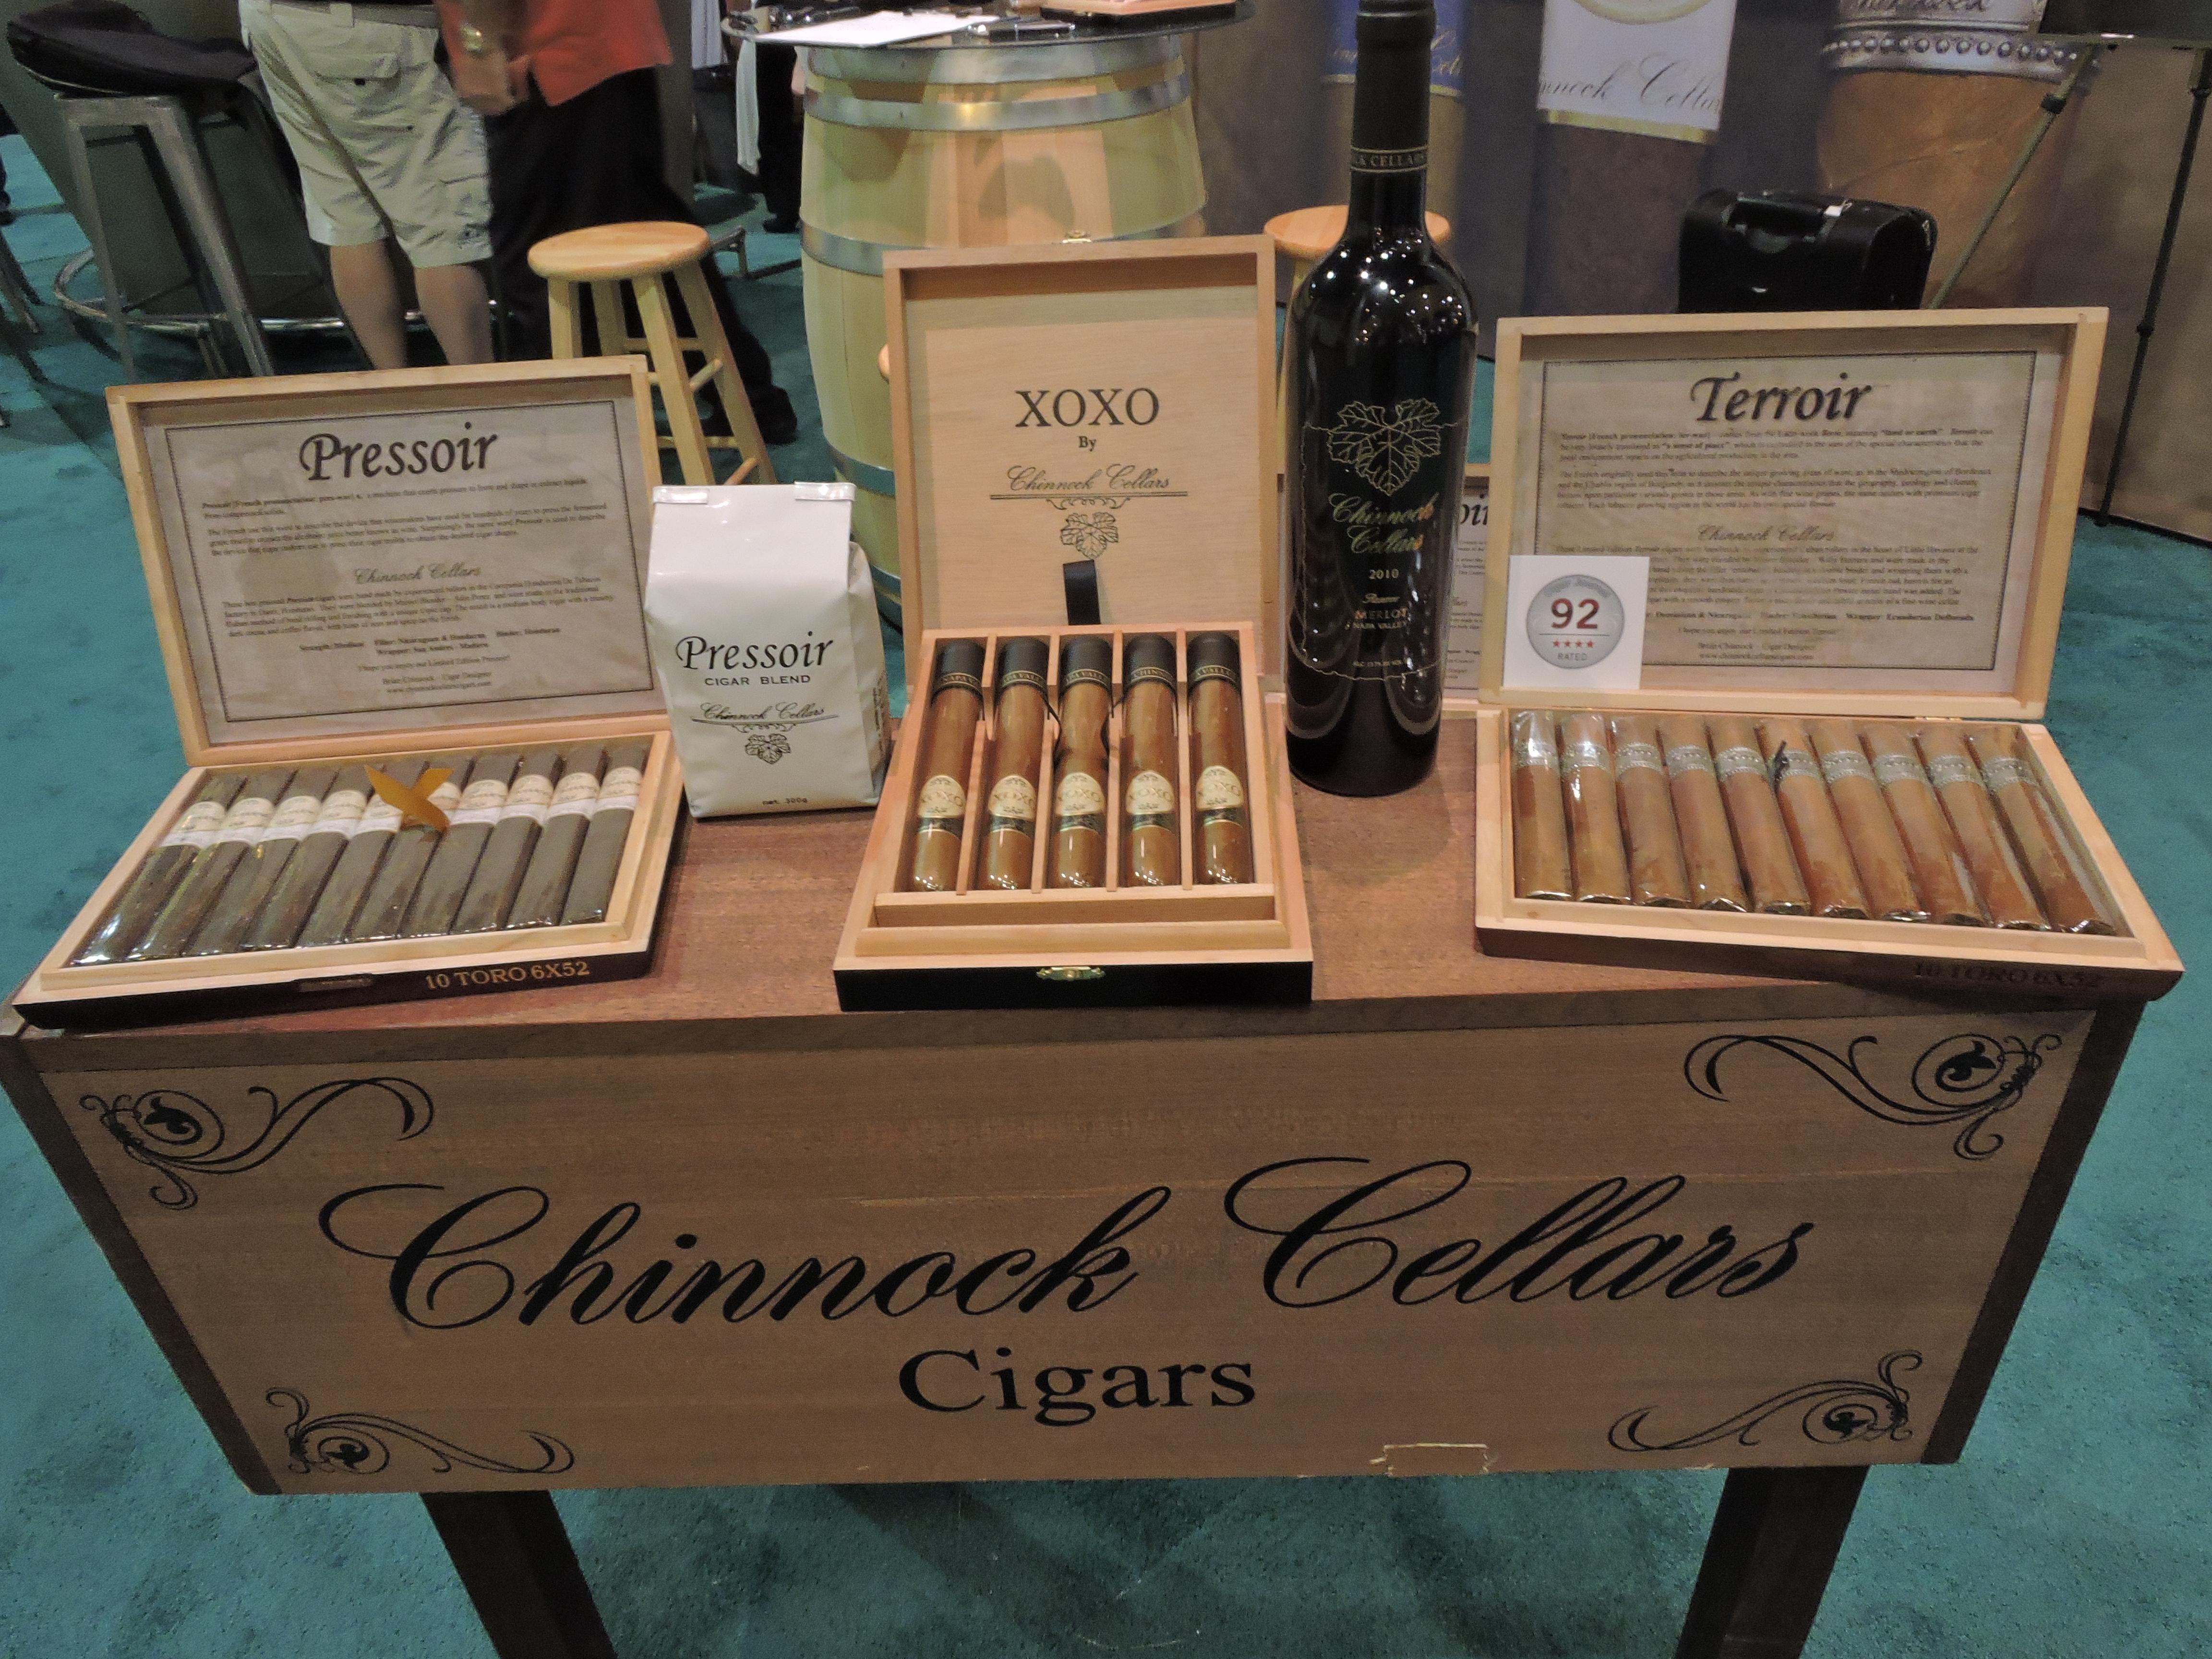 Chinnock_Cellars_Cigars